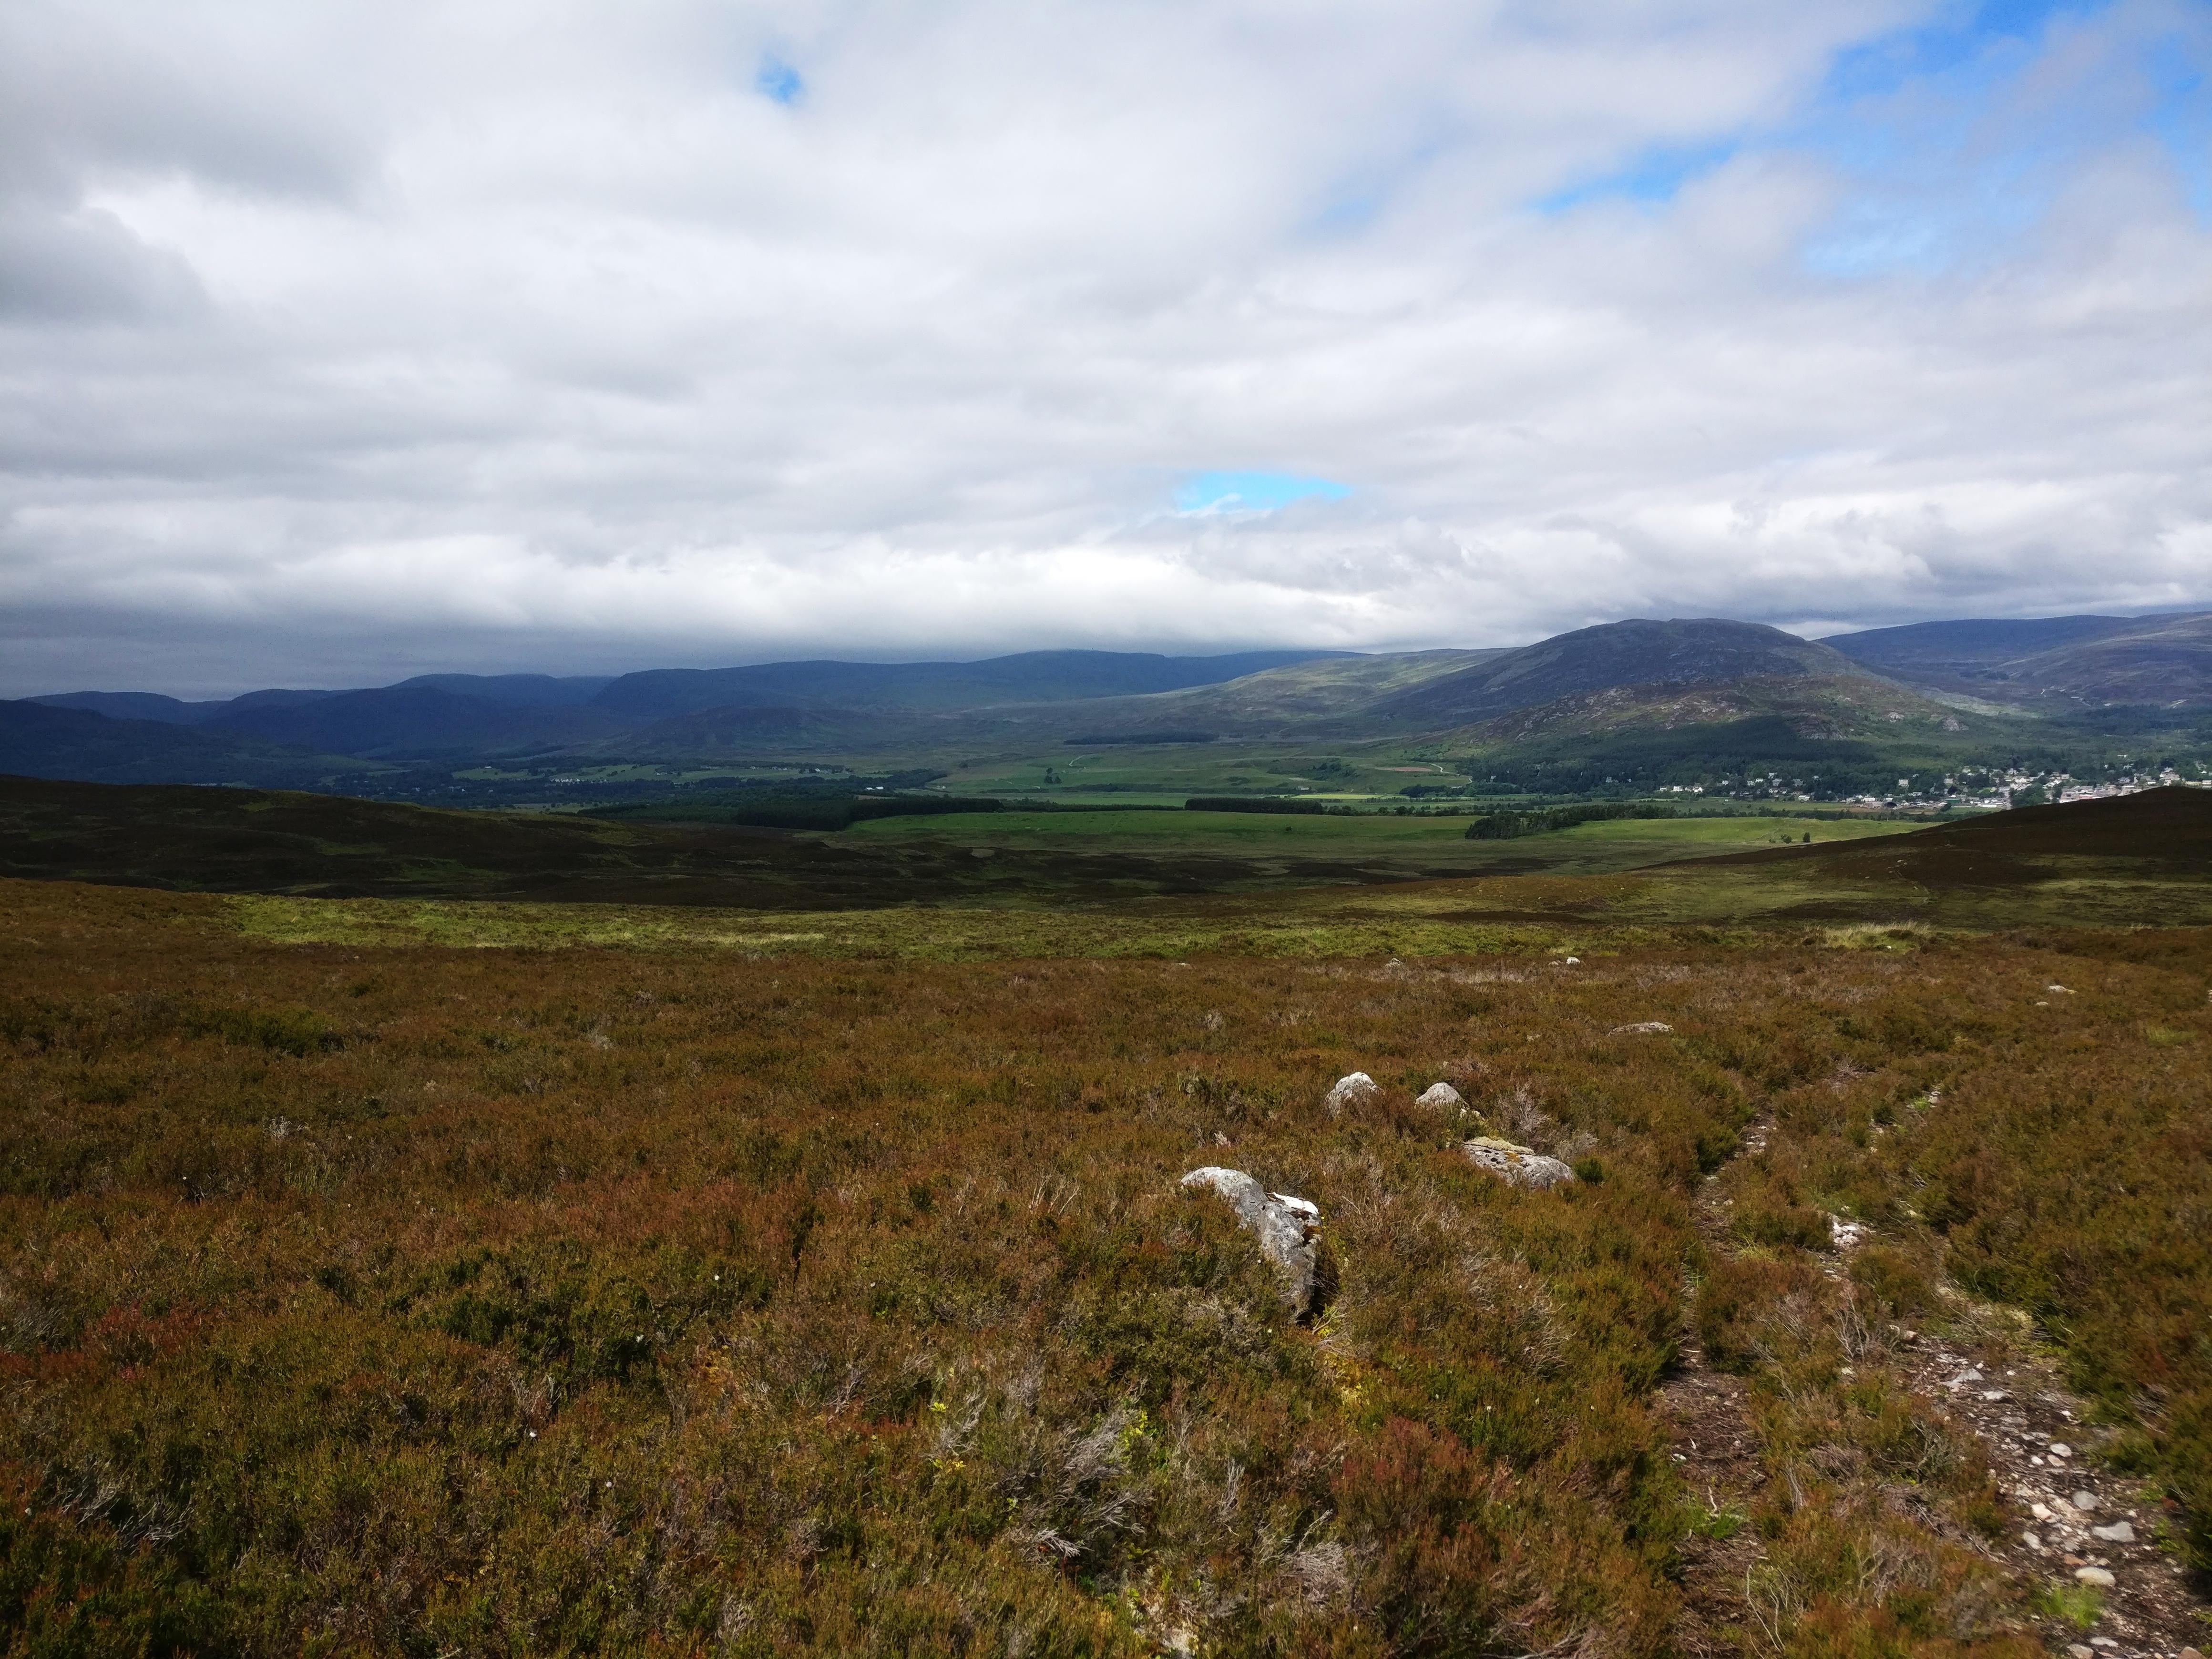 Hike in Kingussie, Cairngorm National Park, Skotland